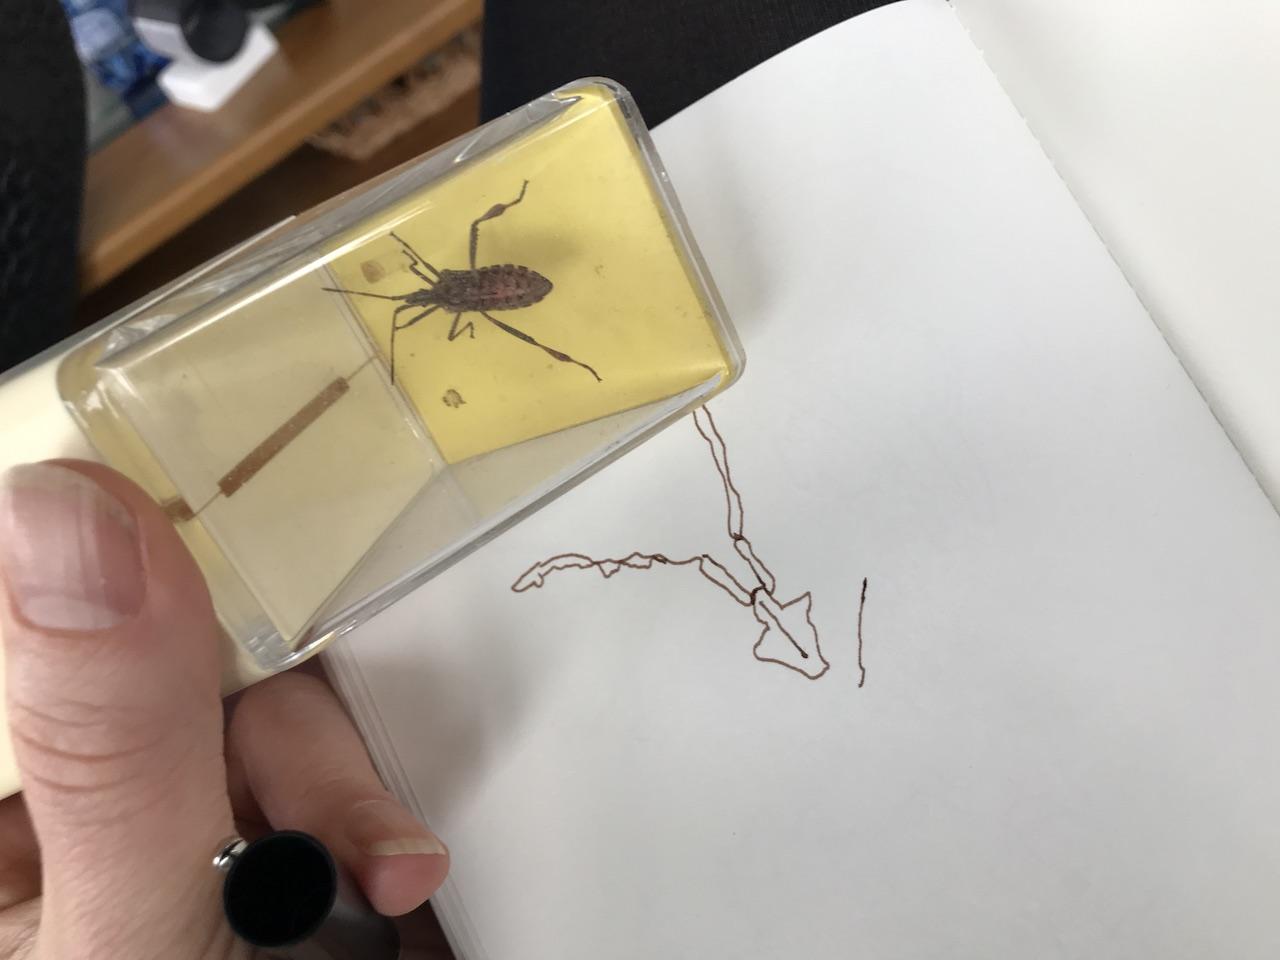 Kakerlake - Foto und Zeichnung von Susanne Haun (c) VG Bild Kunst, Bonn 2018